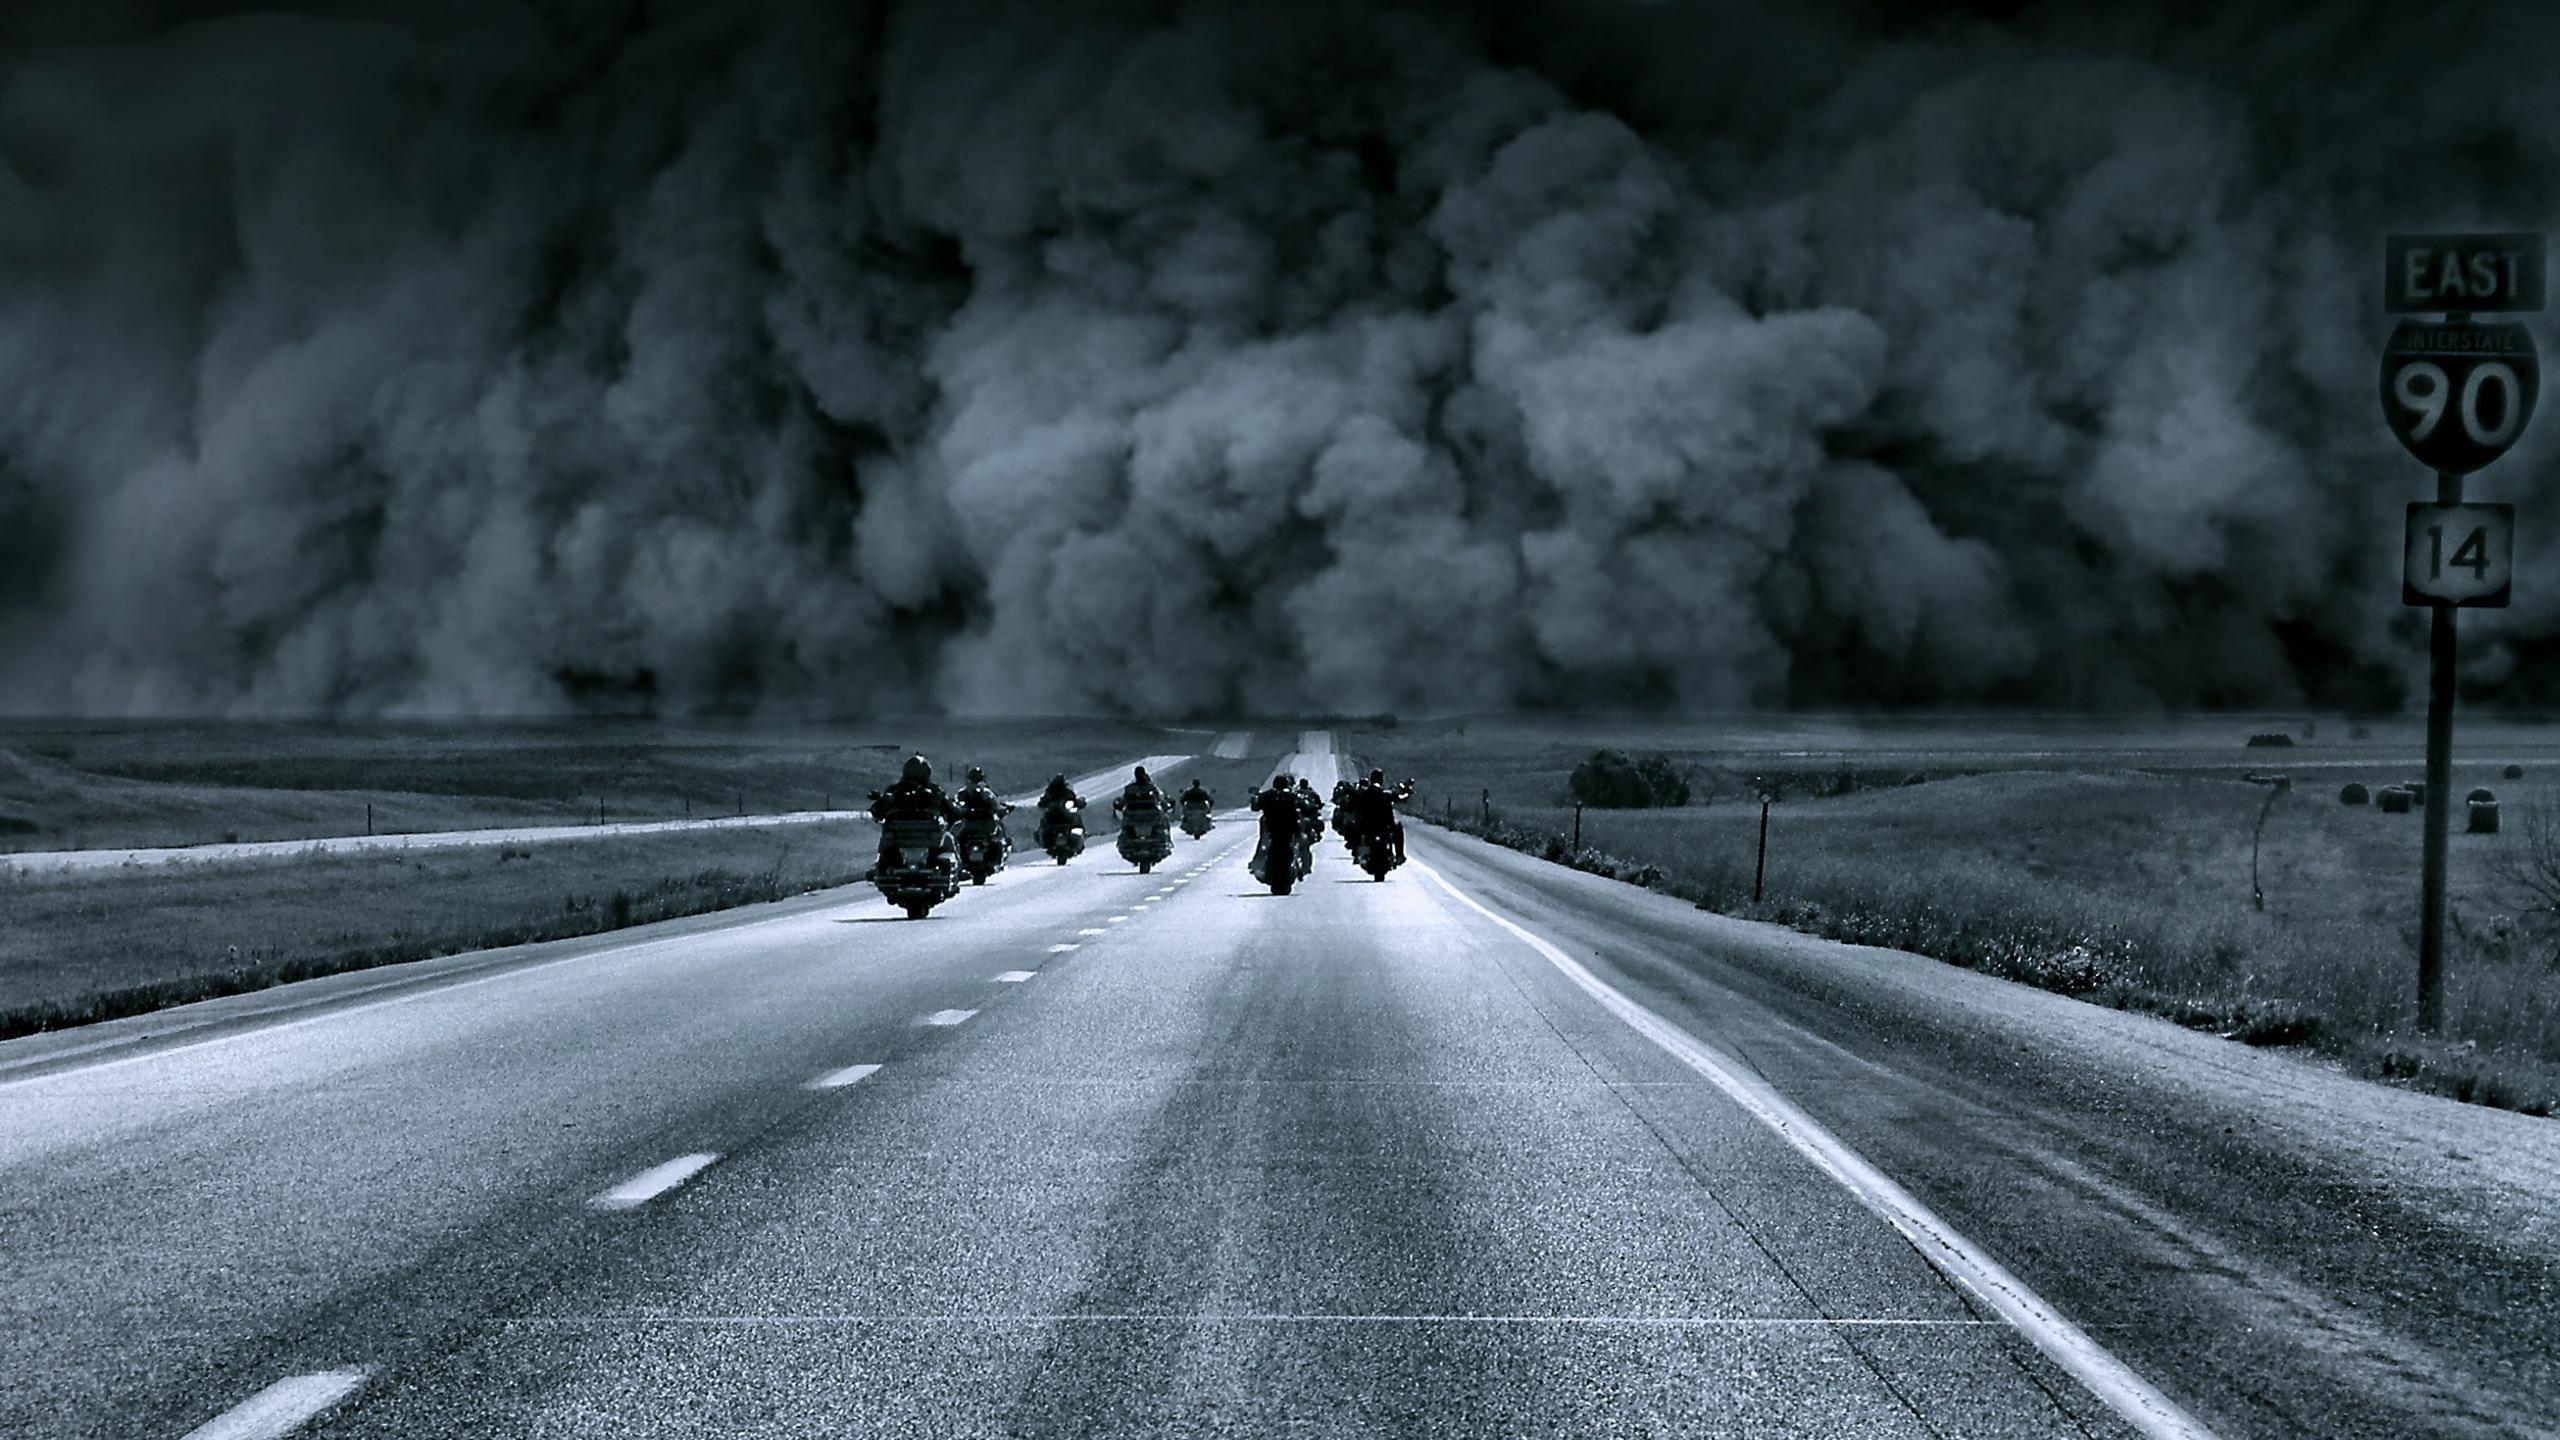 мотоцикл песок дорога дом  № 954718 загрузить